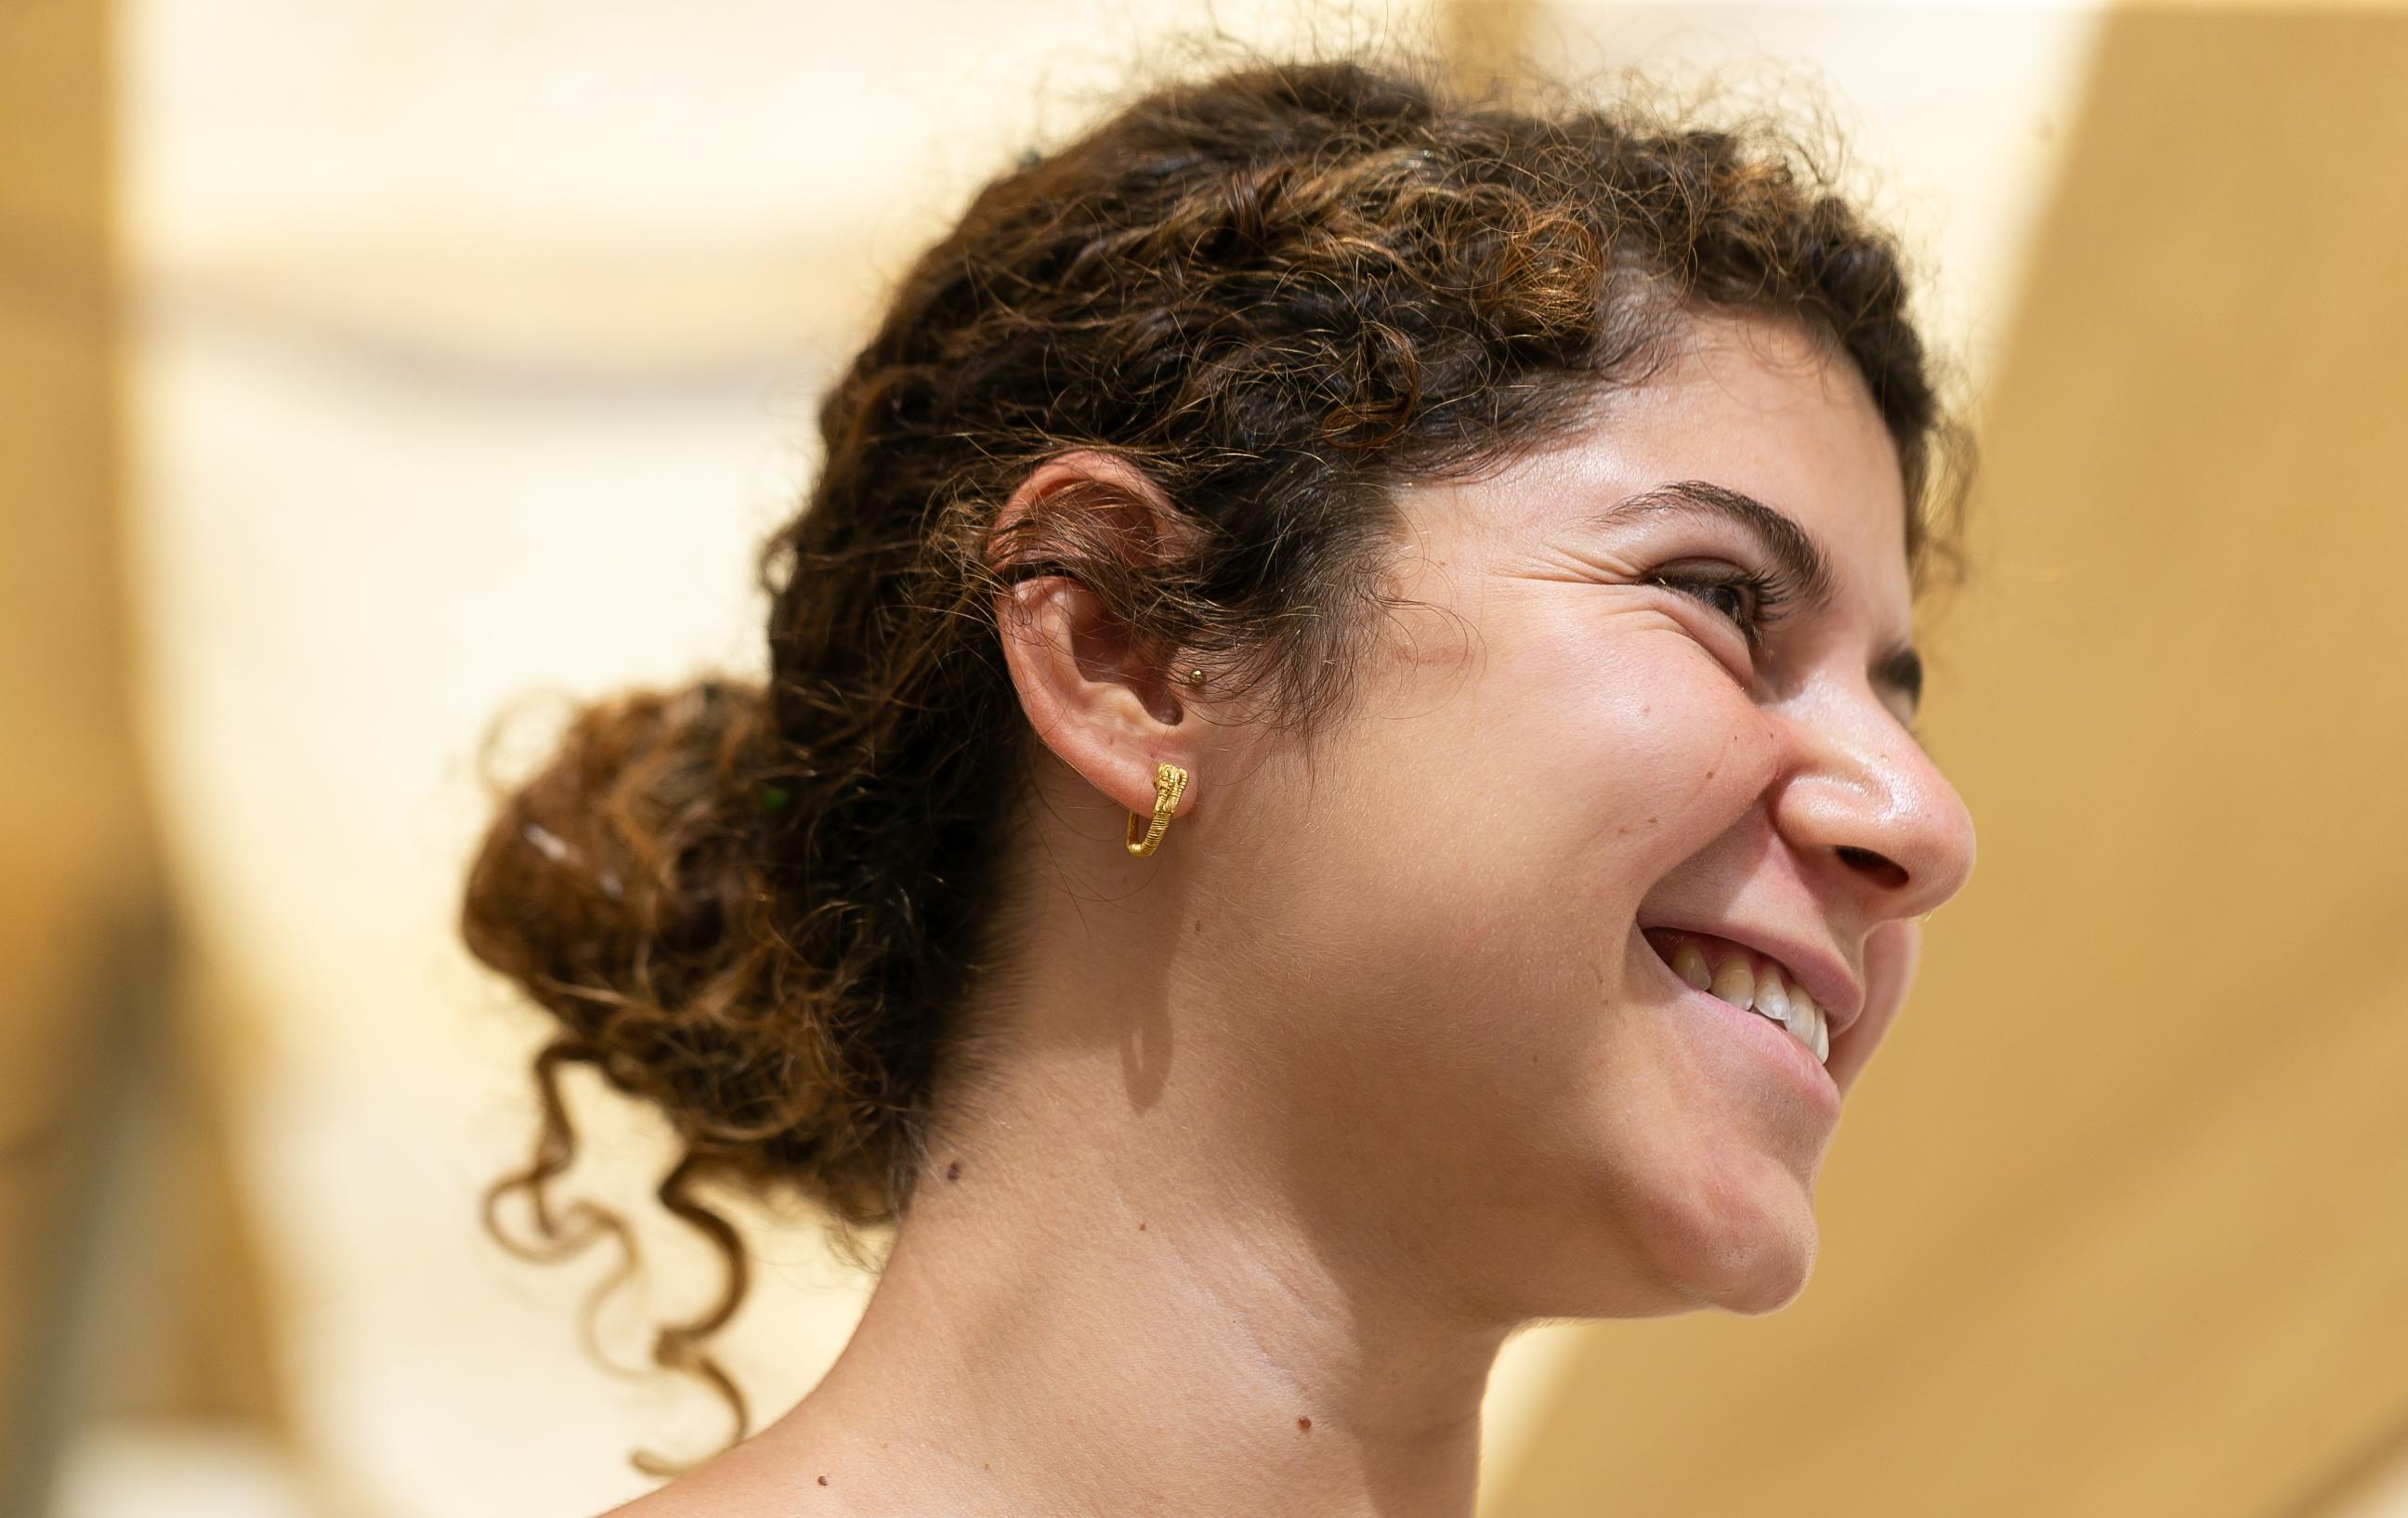 עגיל הזהב היה שייך לאישה או גבר מהמעמד הגבוה בירושלים בתקופה ההלניסטית. צילום: אליהו ינאי,